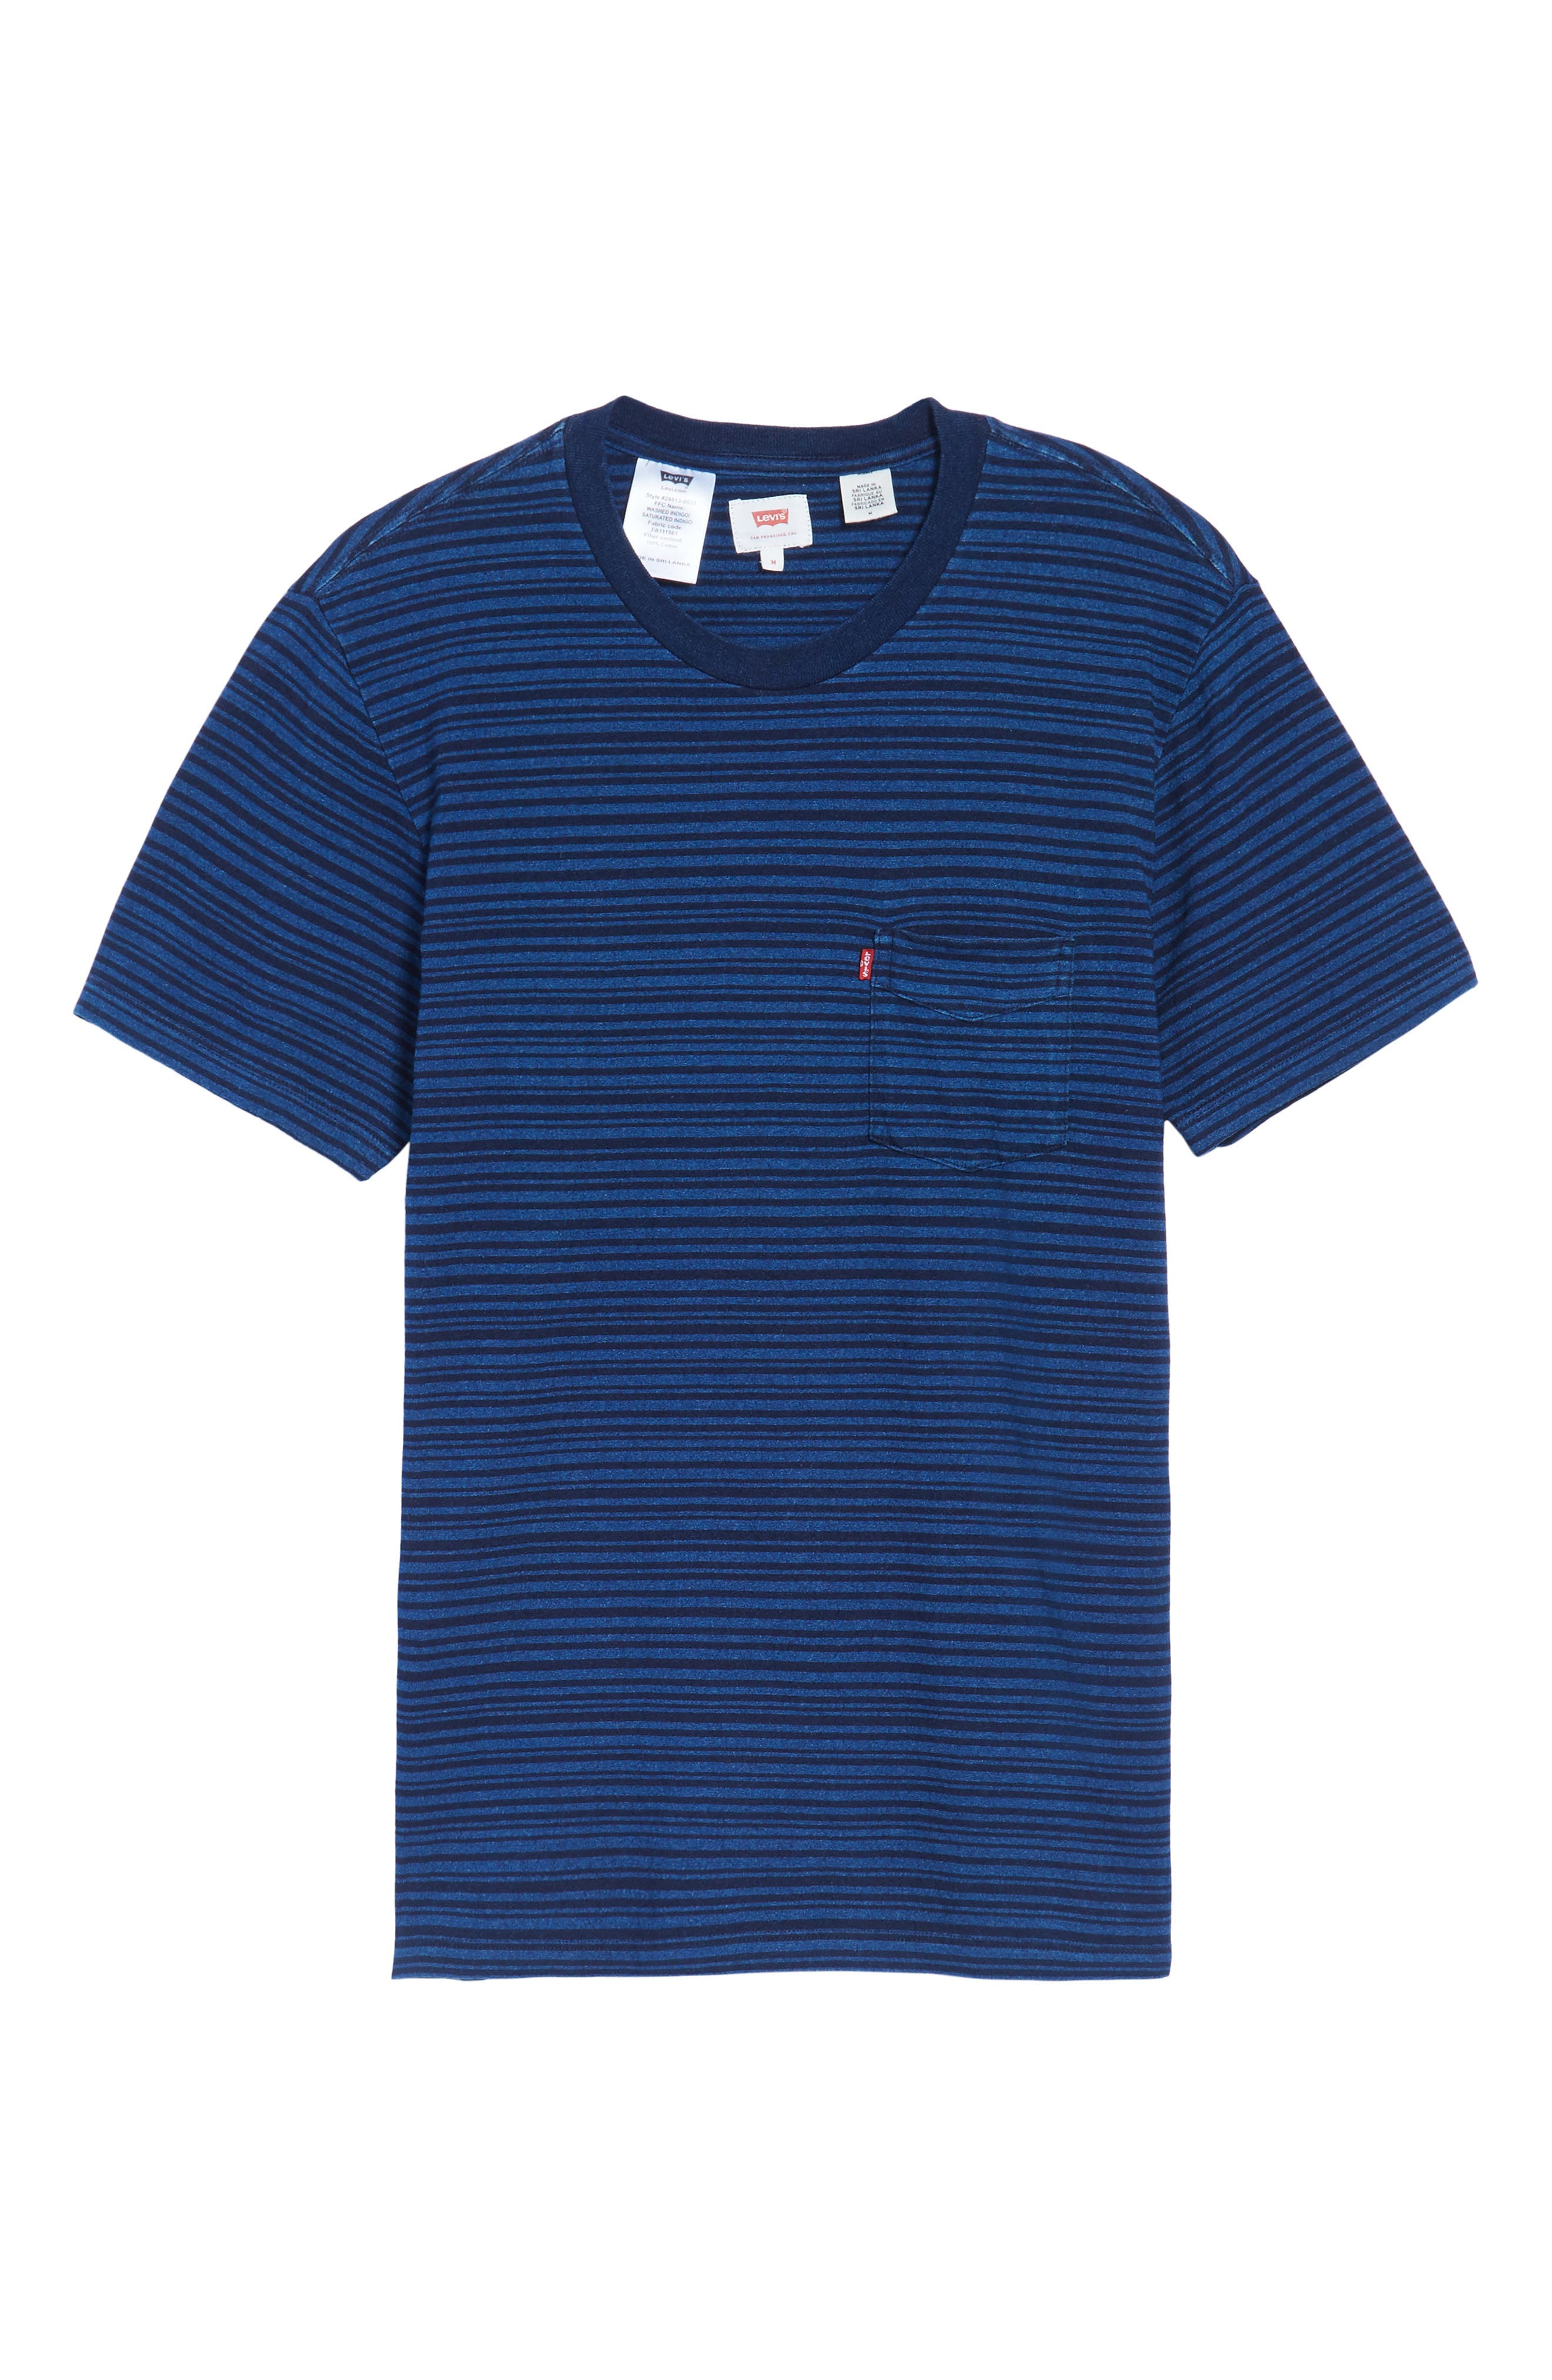 Stripe Pocket T-Shirt,                             Alternate thumbnail 6, color,                             400